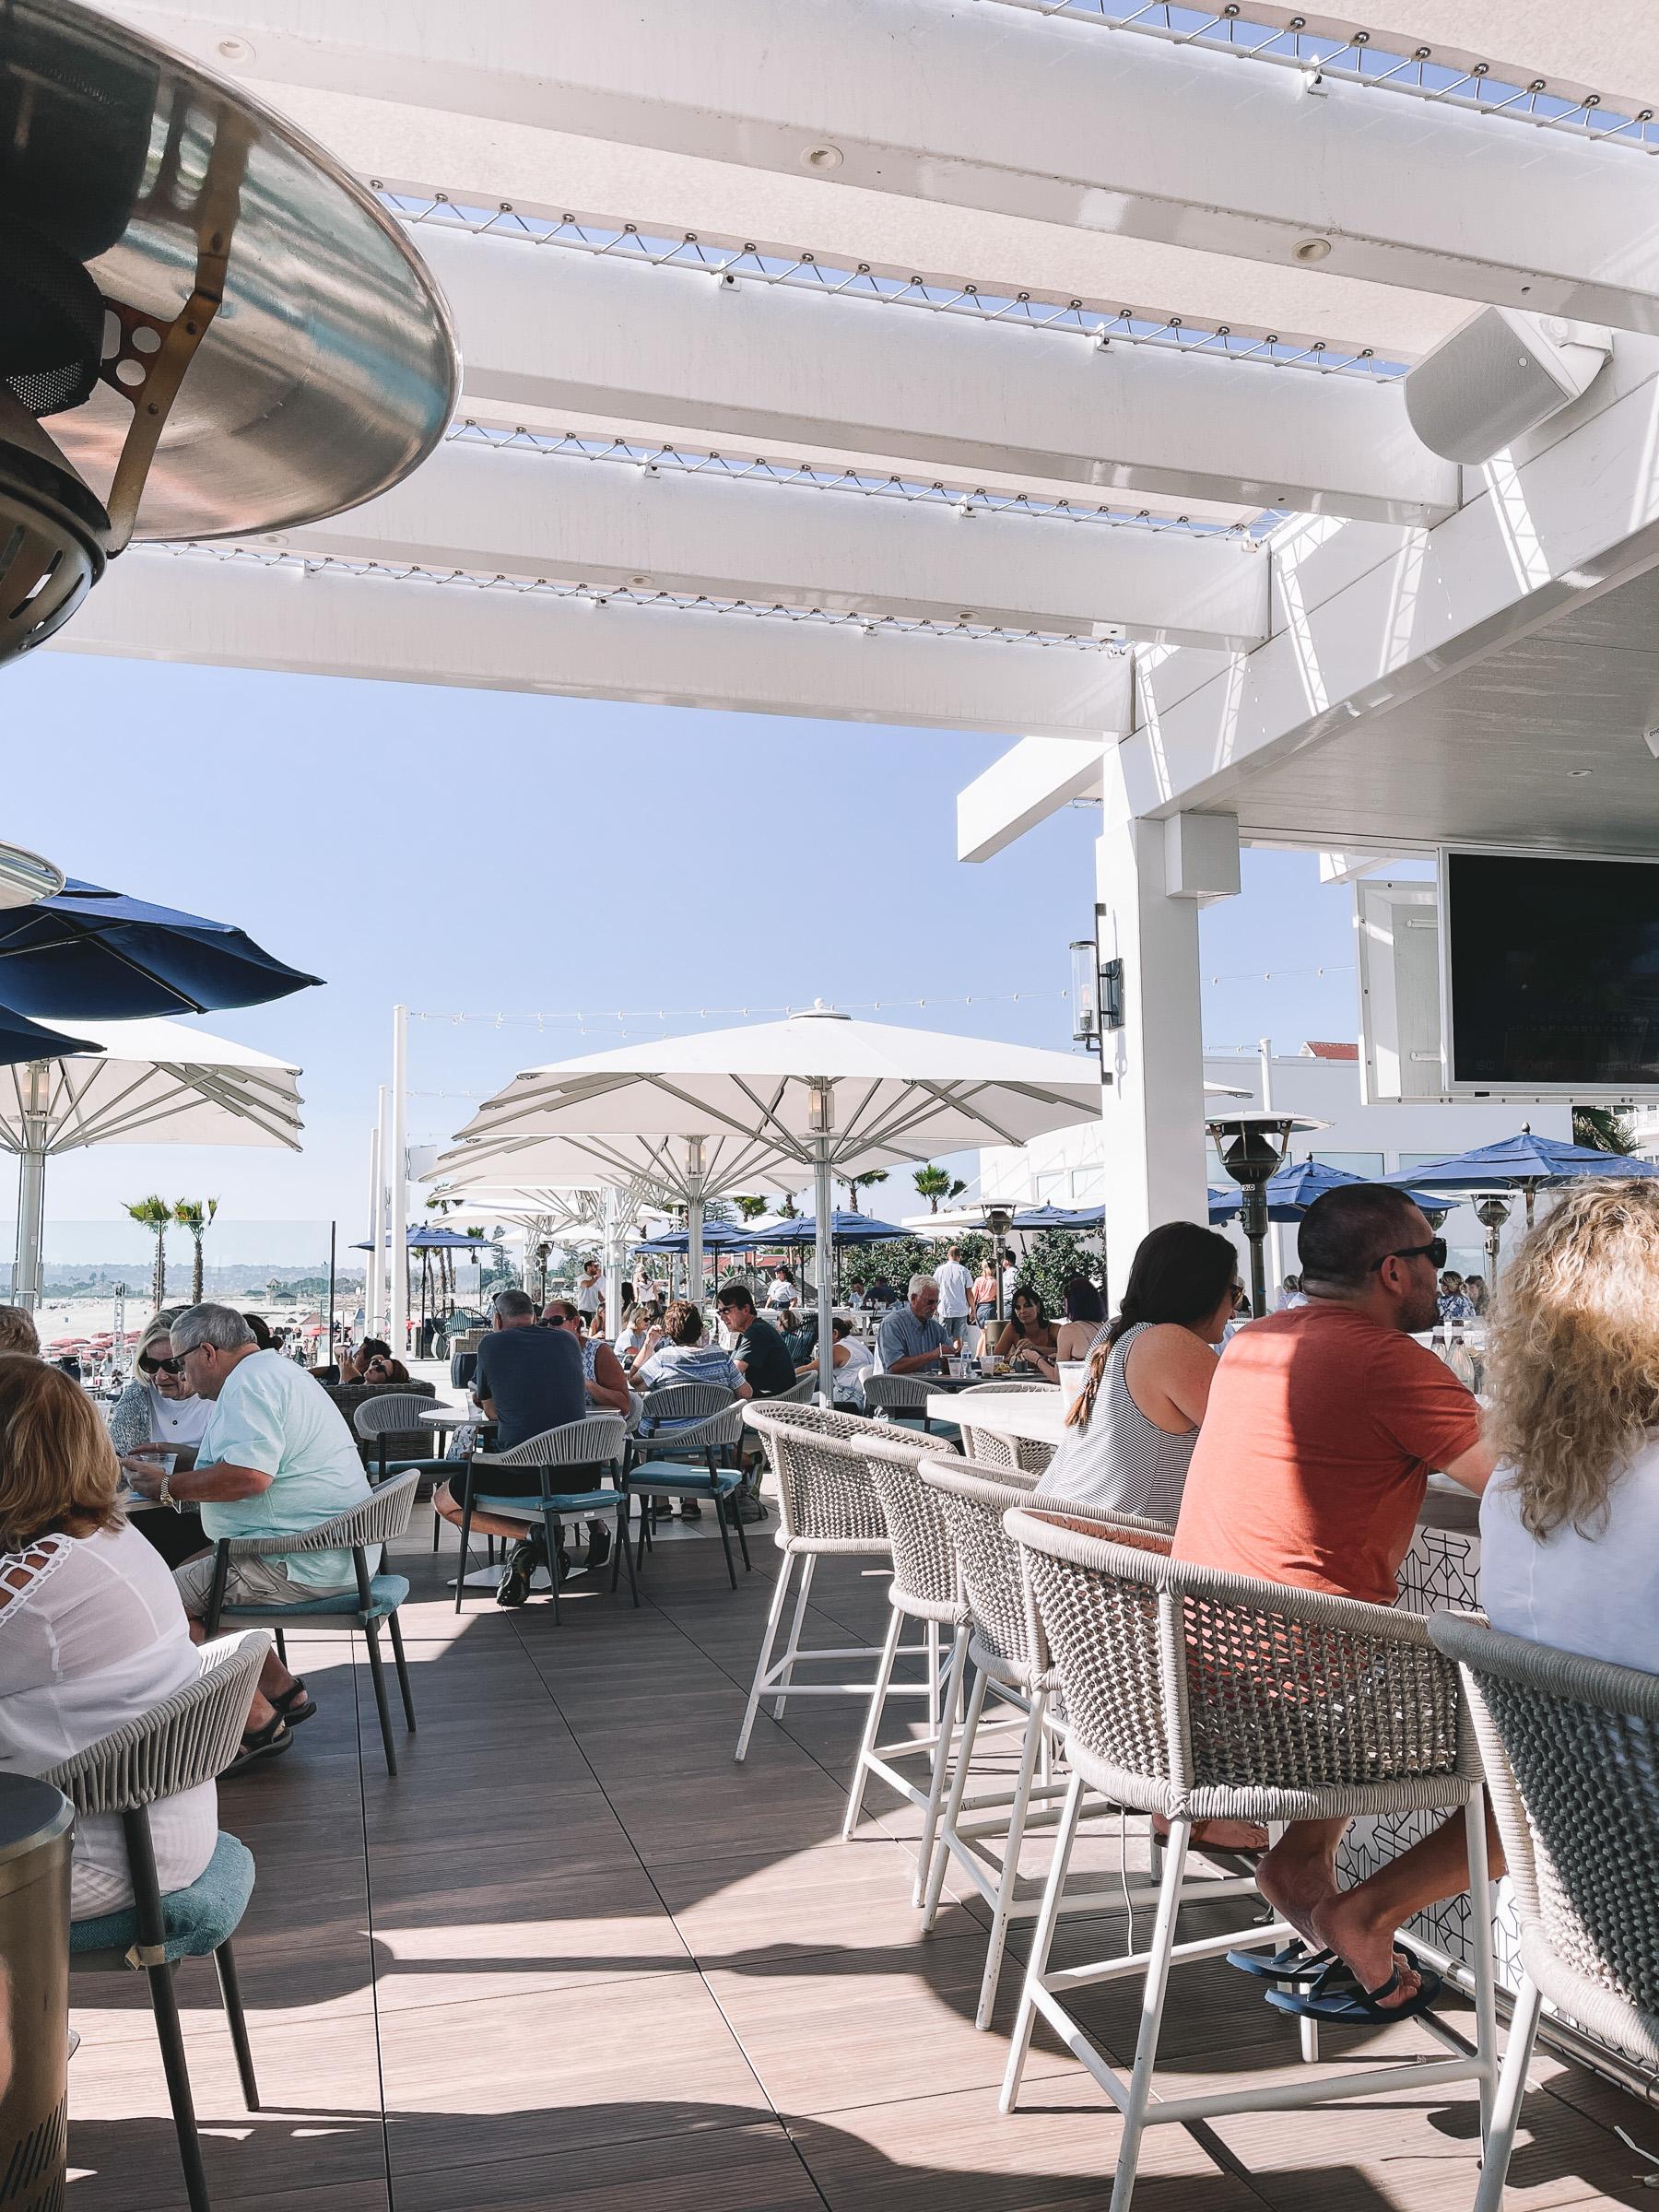 Hotel del Coronado 2021 trip